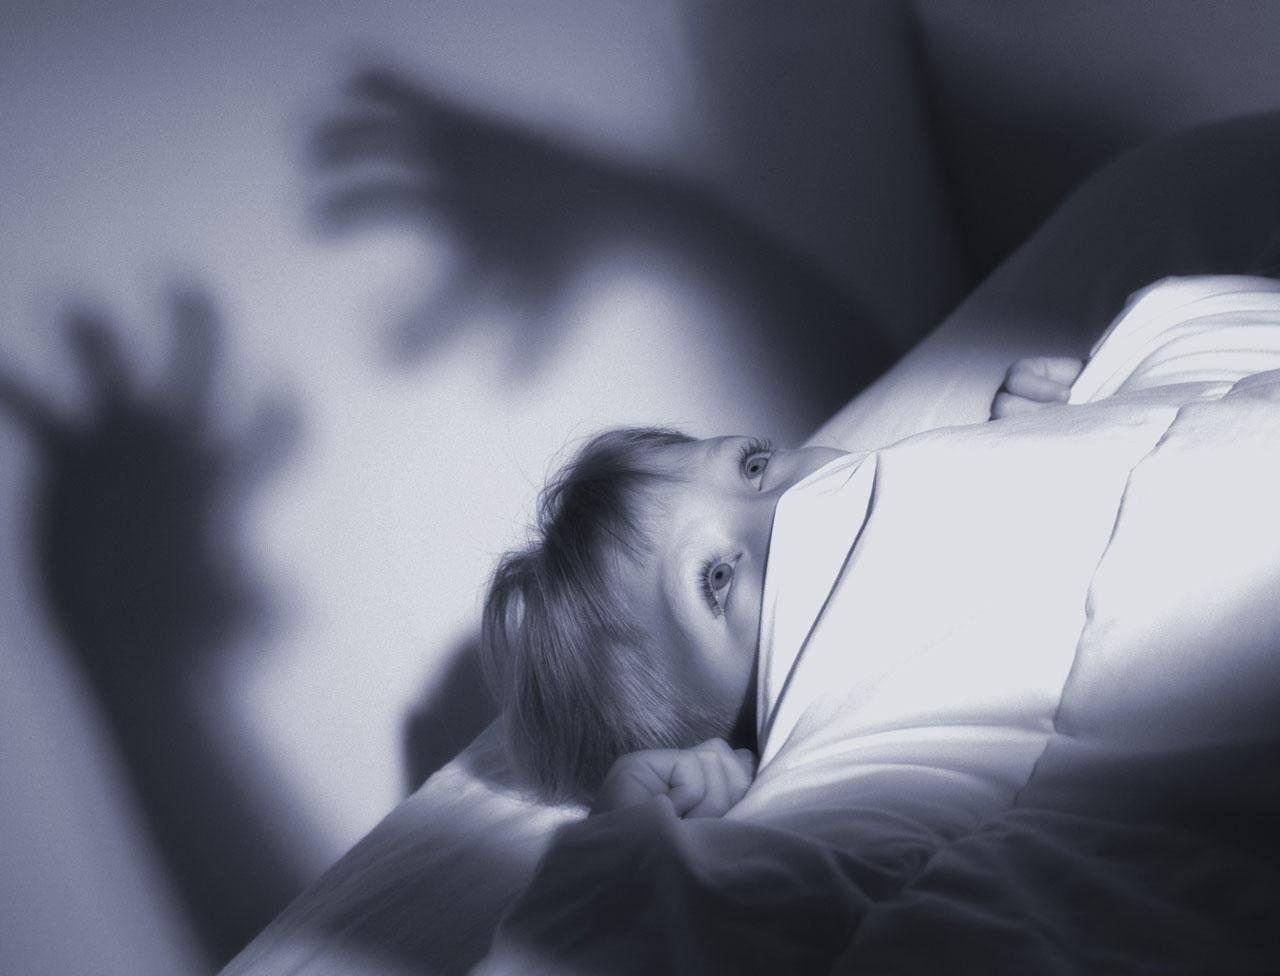 Se soigner comment arrêter de faire des cauchemars avec des huiles essentielles ? Comment ne plus faire de cauchemars ? Eviter les cauchemars